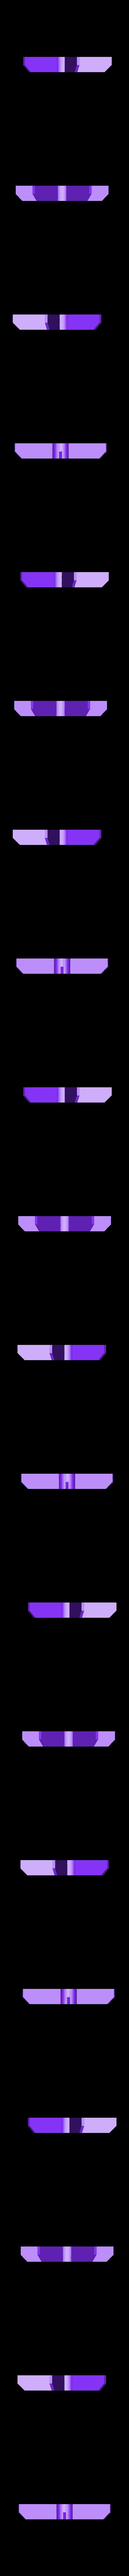 5_divider_magnet.stl Télécharger fichier STL gratuit Plateau à vis magnétique plus épais et diviseur magnétique • Modèle pour impression 3D, reakain